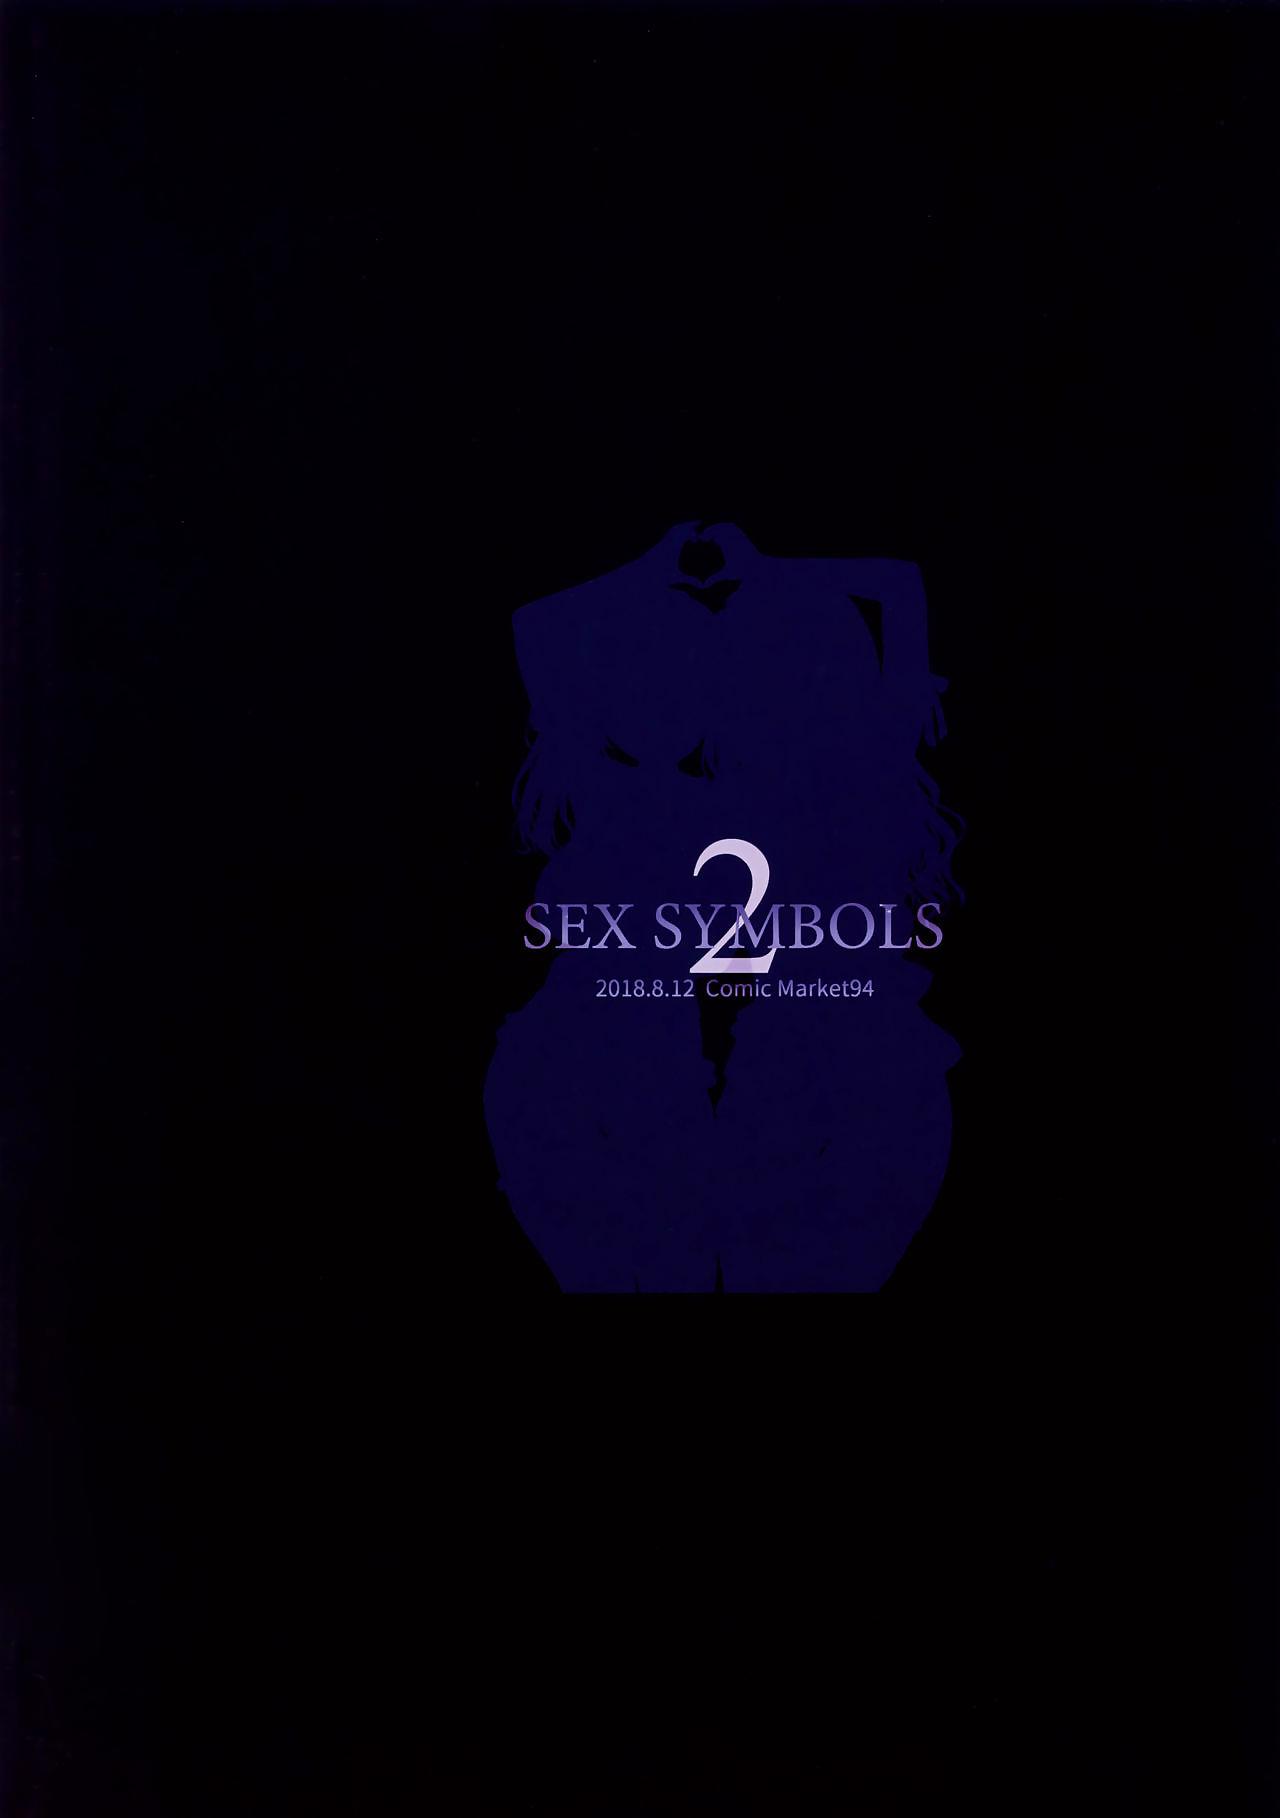 SEX SYMBOLS 2 - part 2